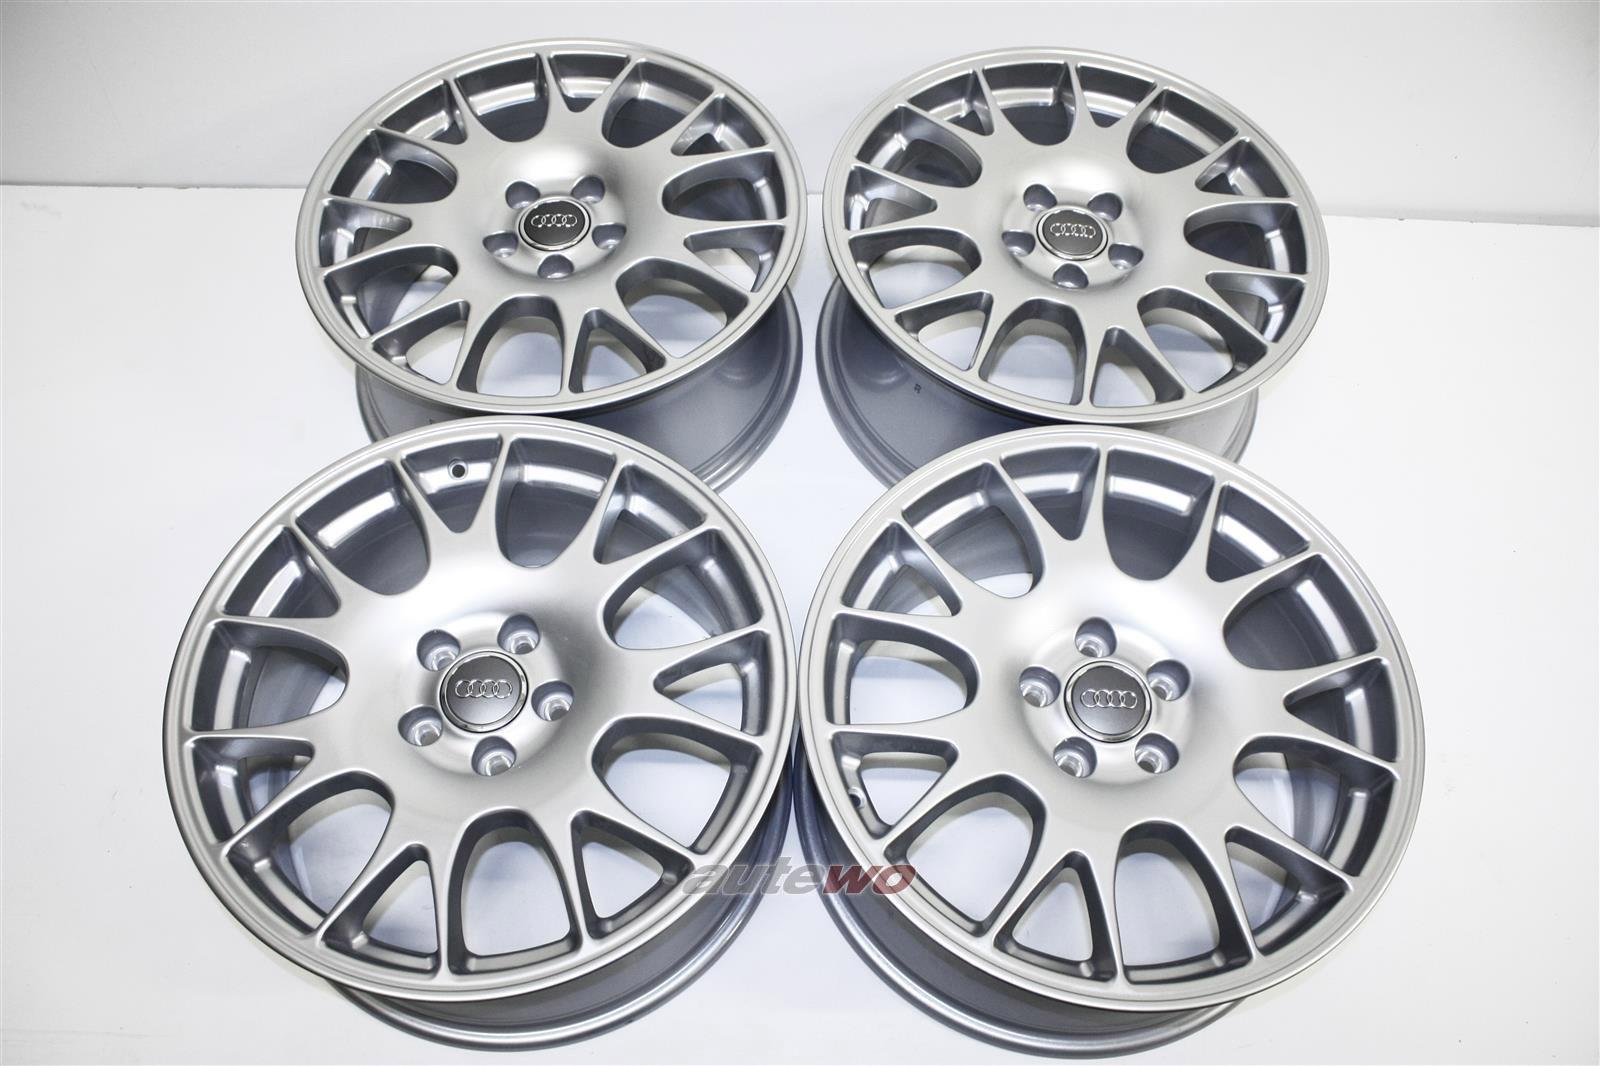 8E0601025AN NEU&ORIGINAL A4/S4 B5/8E/S6 C4/4B/S8 Audi Alufelgen BBS 8x18